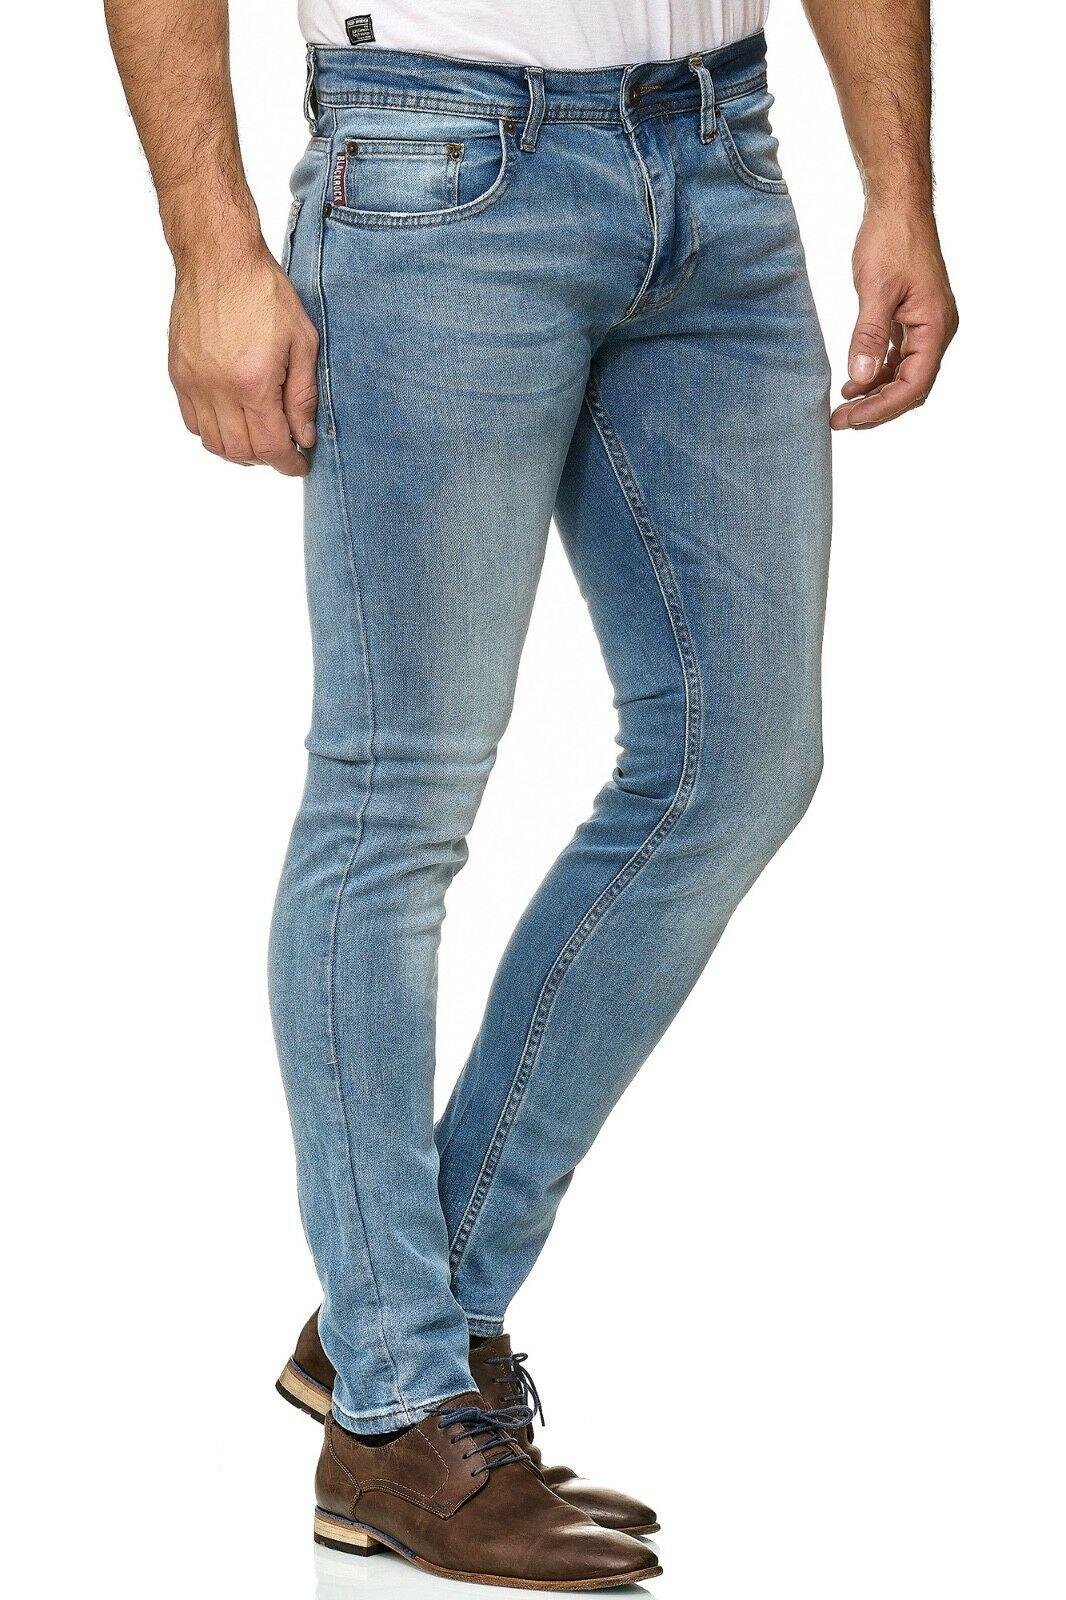 Herren-Jeanshosen-Stretch-Hose-Slim-fit-SKINNY-Jeans-Blau-Schwarz-Grau-Weiss Indexbild 46